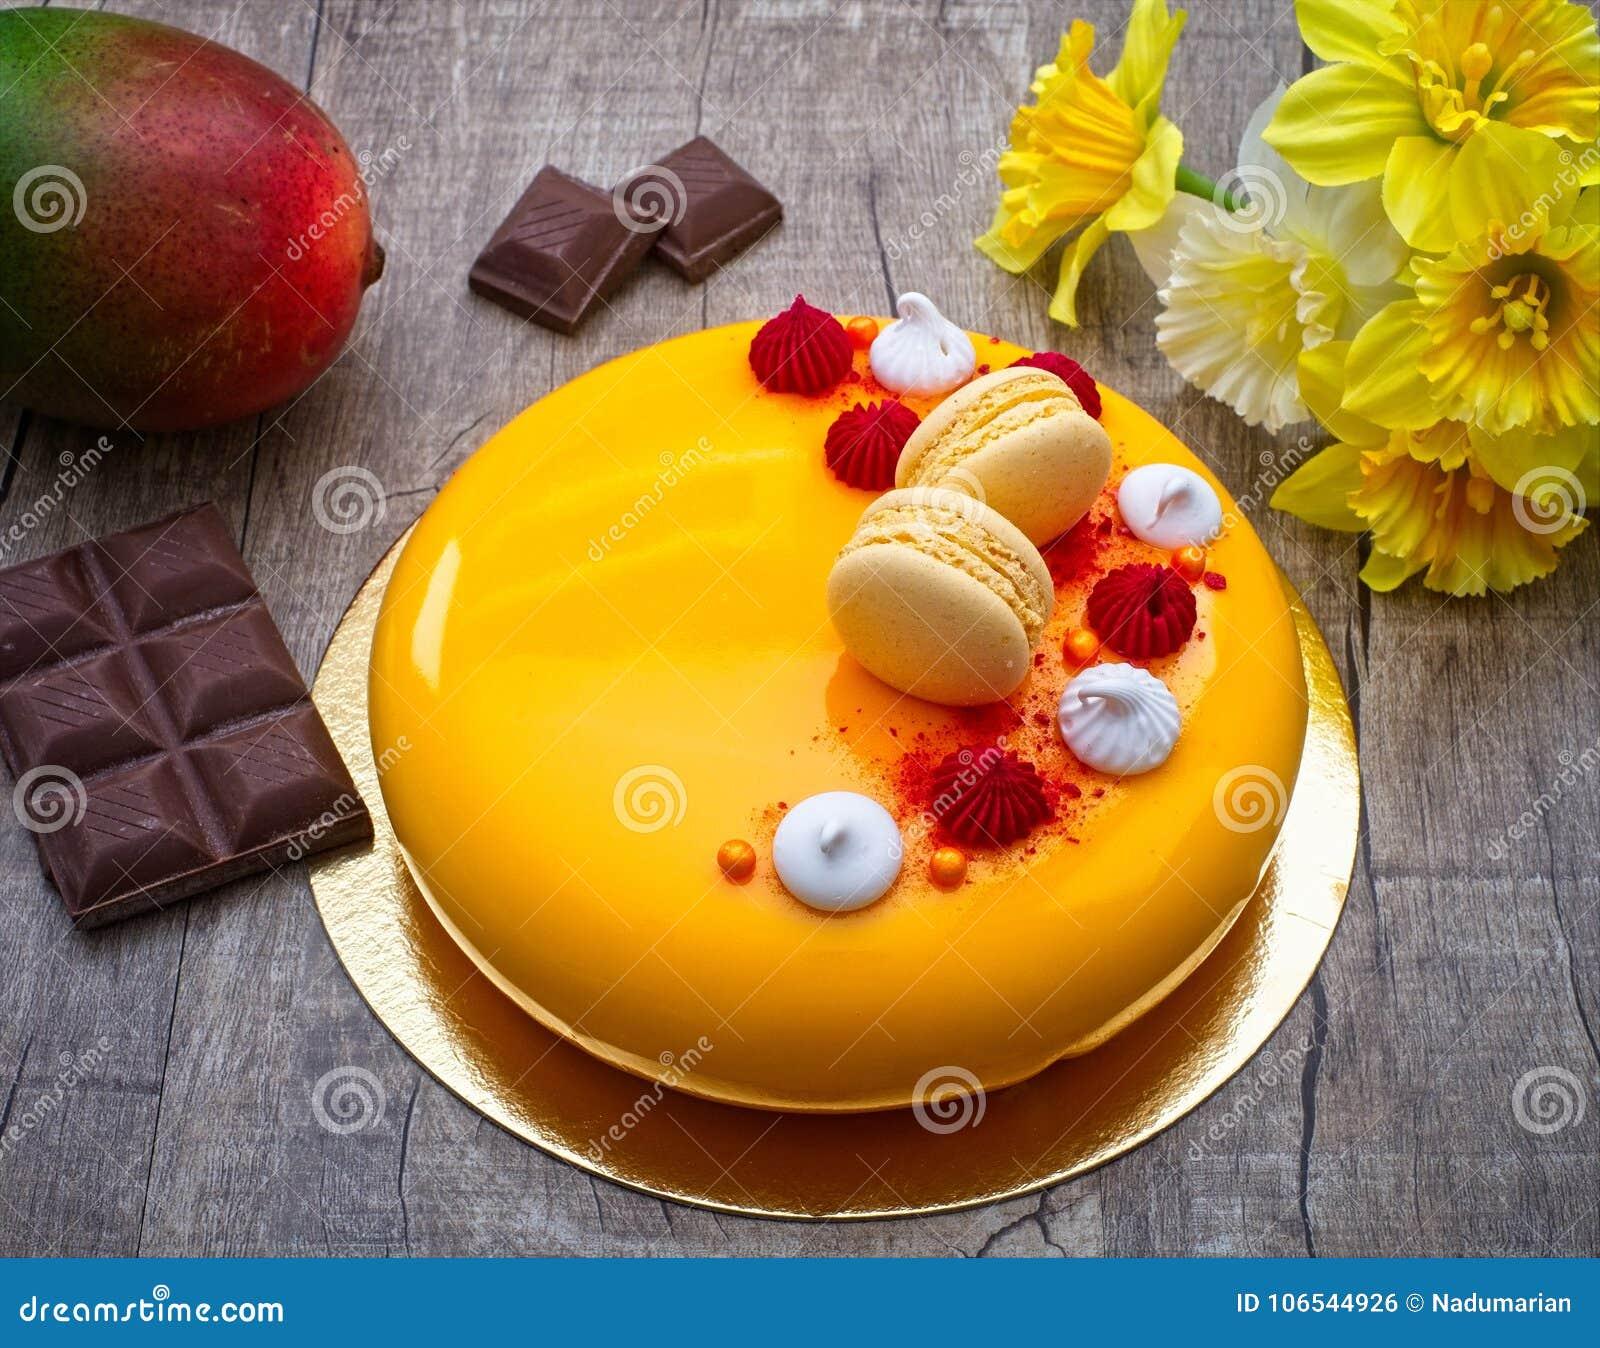 Mango Cake With Chocolate, Mango And Passion Fruit Mousse ...